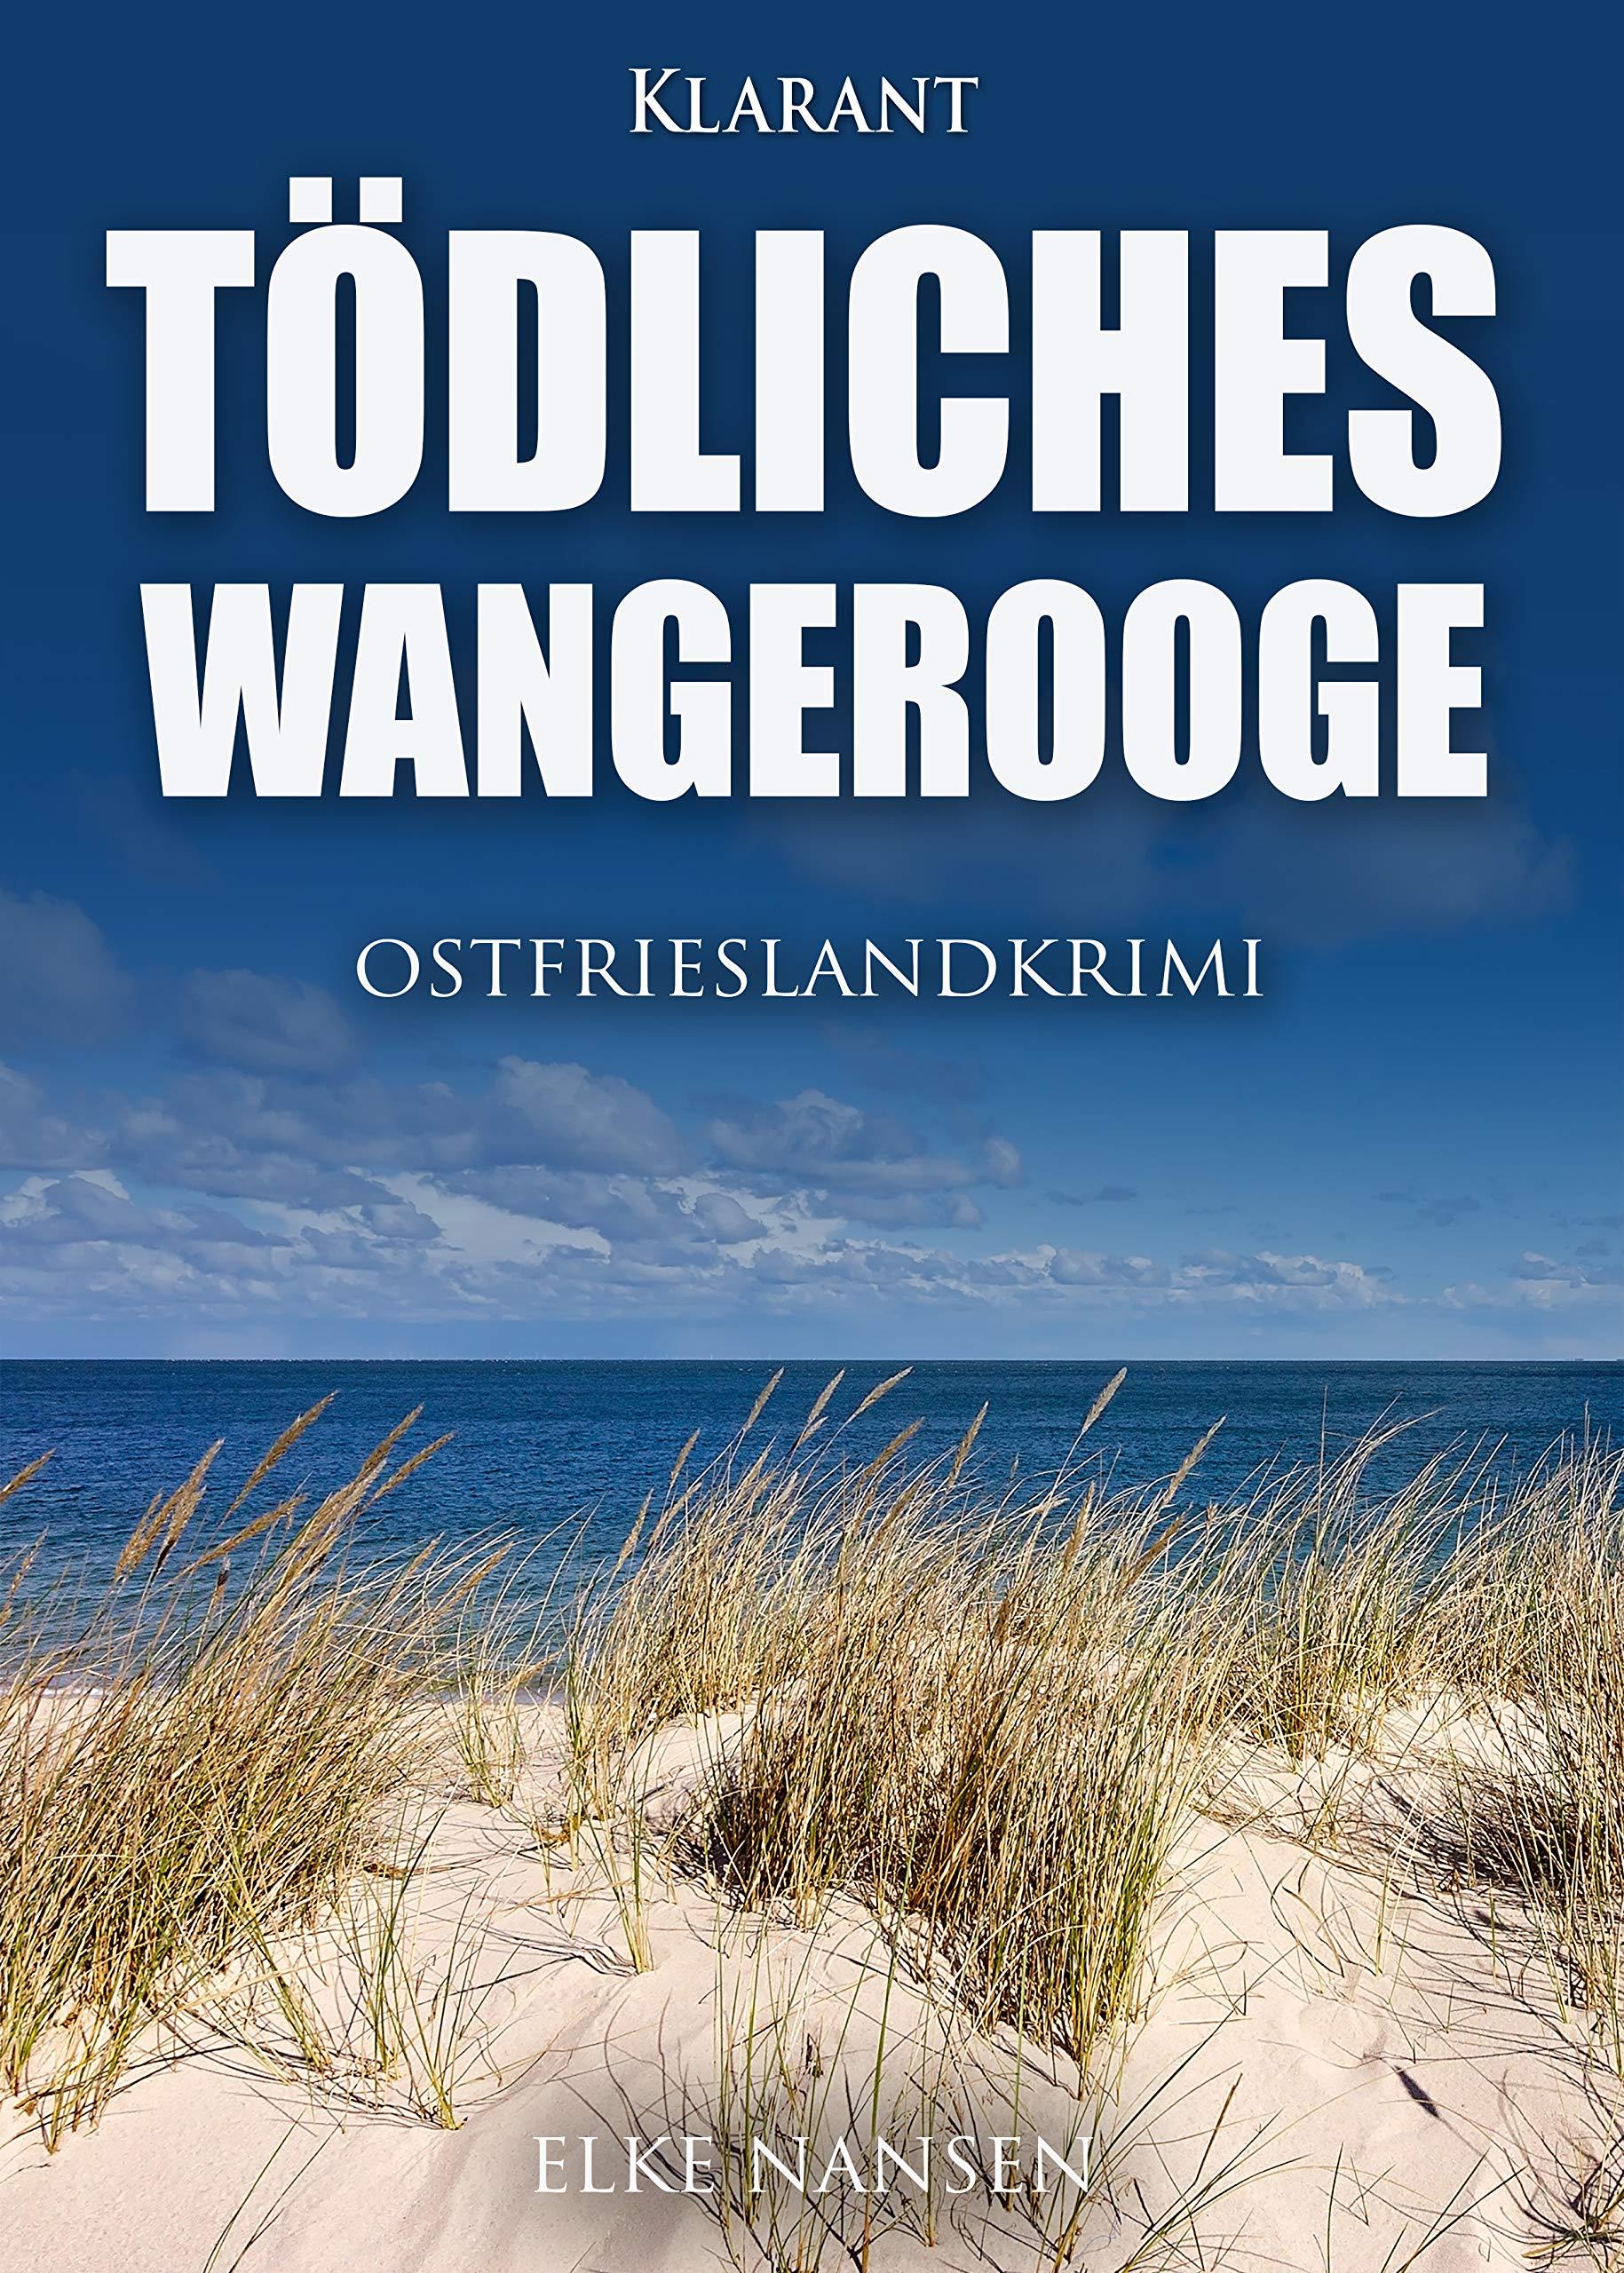 Tödliches Wangerooge. Ostfrieslandkrimi  Faber Und Waatstedt Ermitteln 7